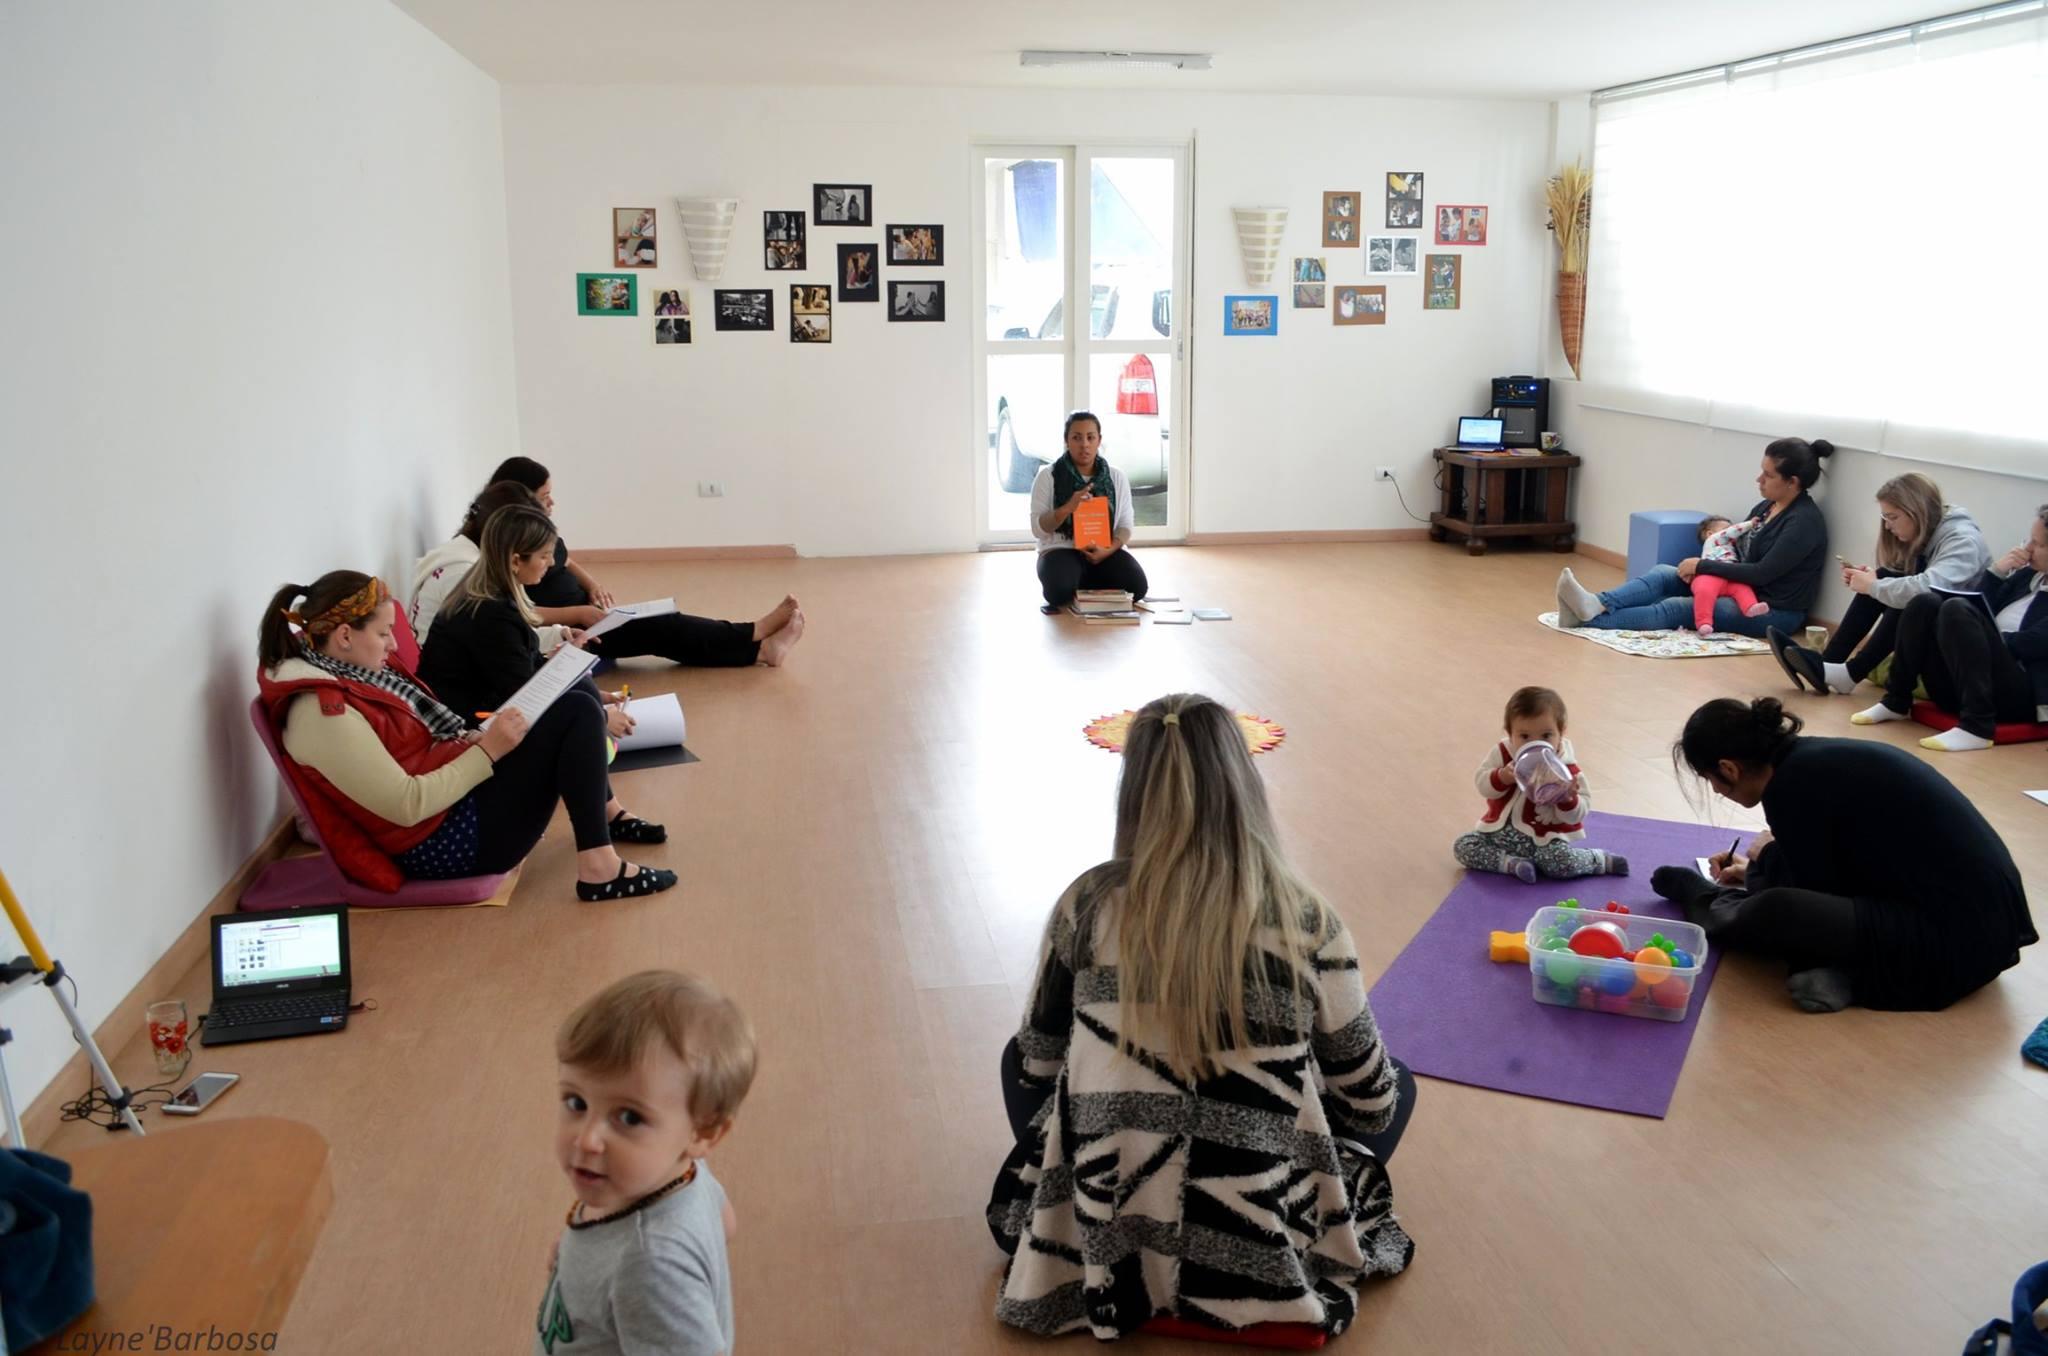 Capacitação em DanCapacitação em Dança com Bebêsça com Bebês